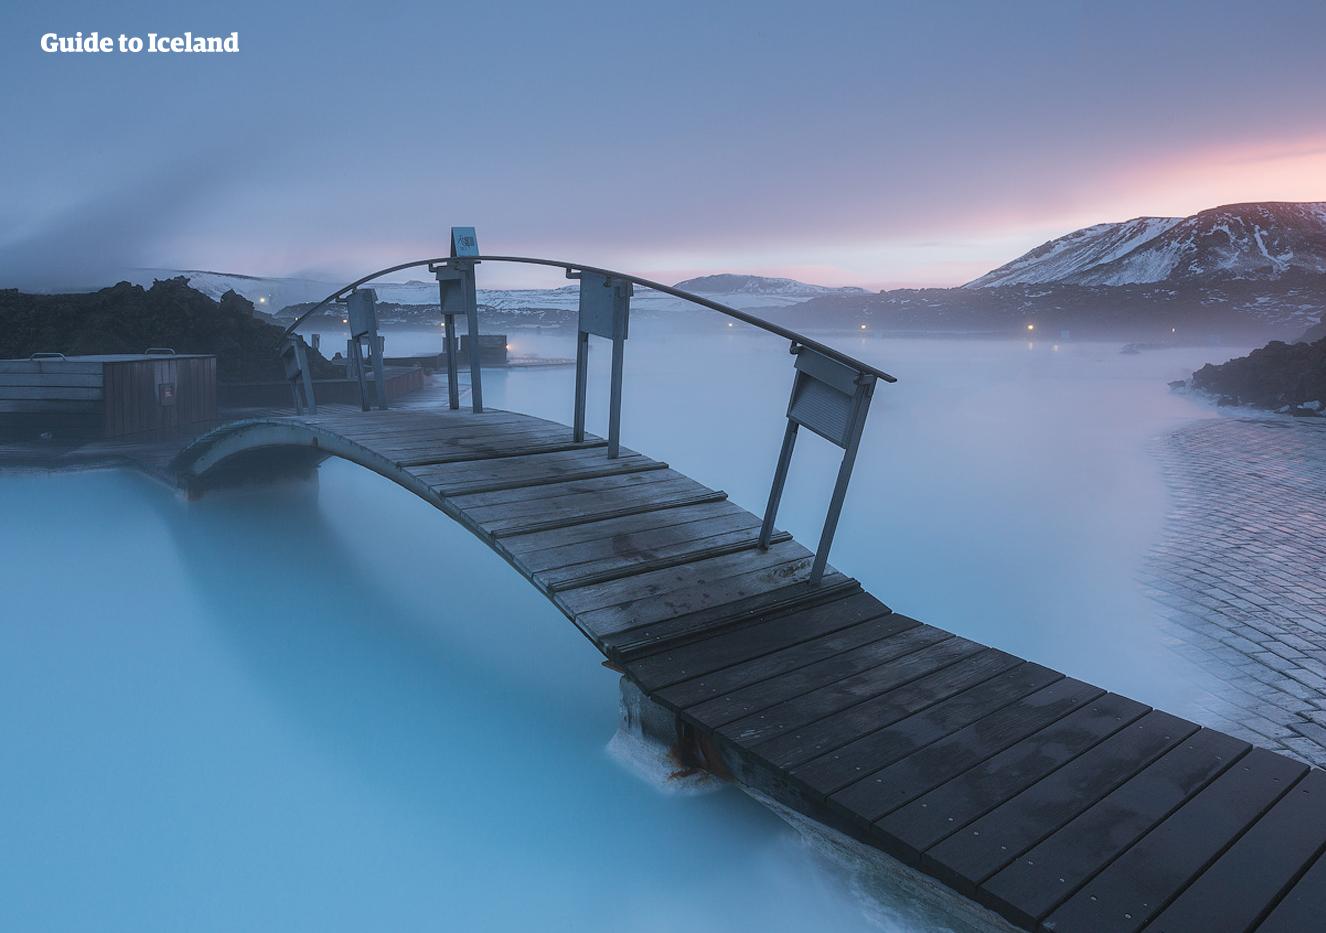 Las aguas azules de la Laguna Azul, situada en la península de Reykjanes, en el sur de Islandia.